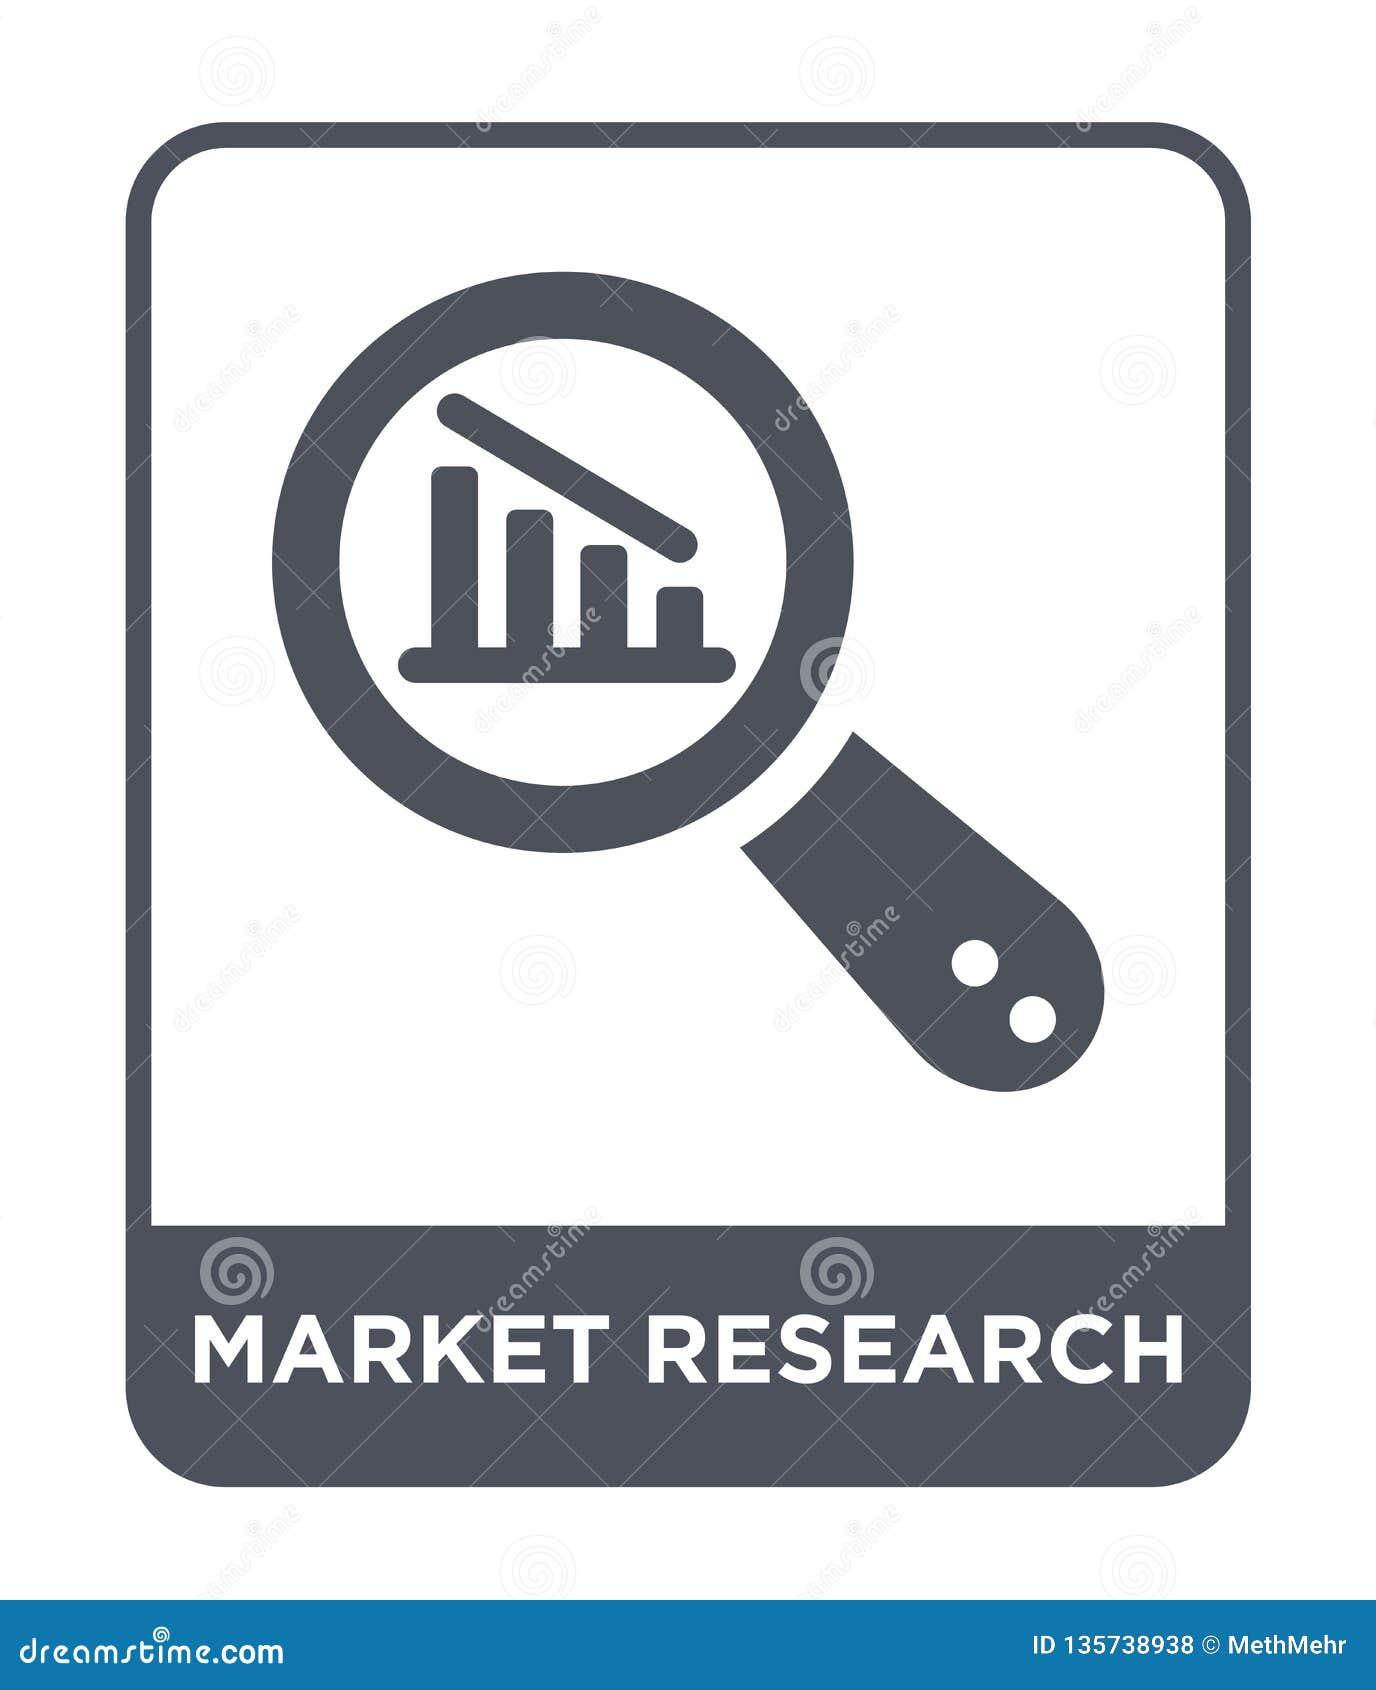 在时髦设计样式的市场研究象 在白色背景隔绝的市场研究象 市场研究简单传染媒介的象